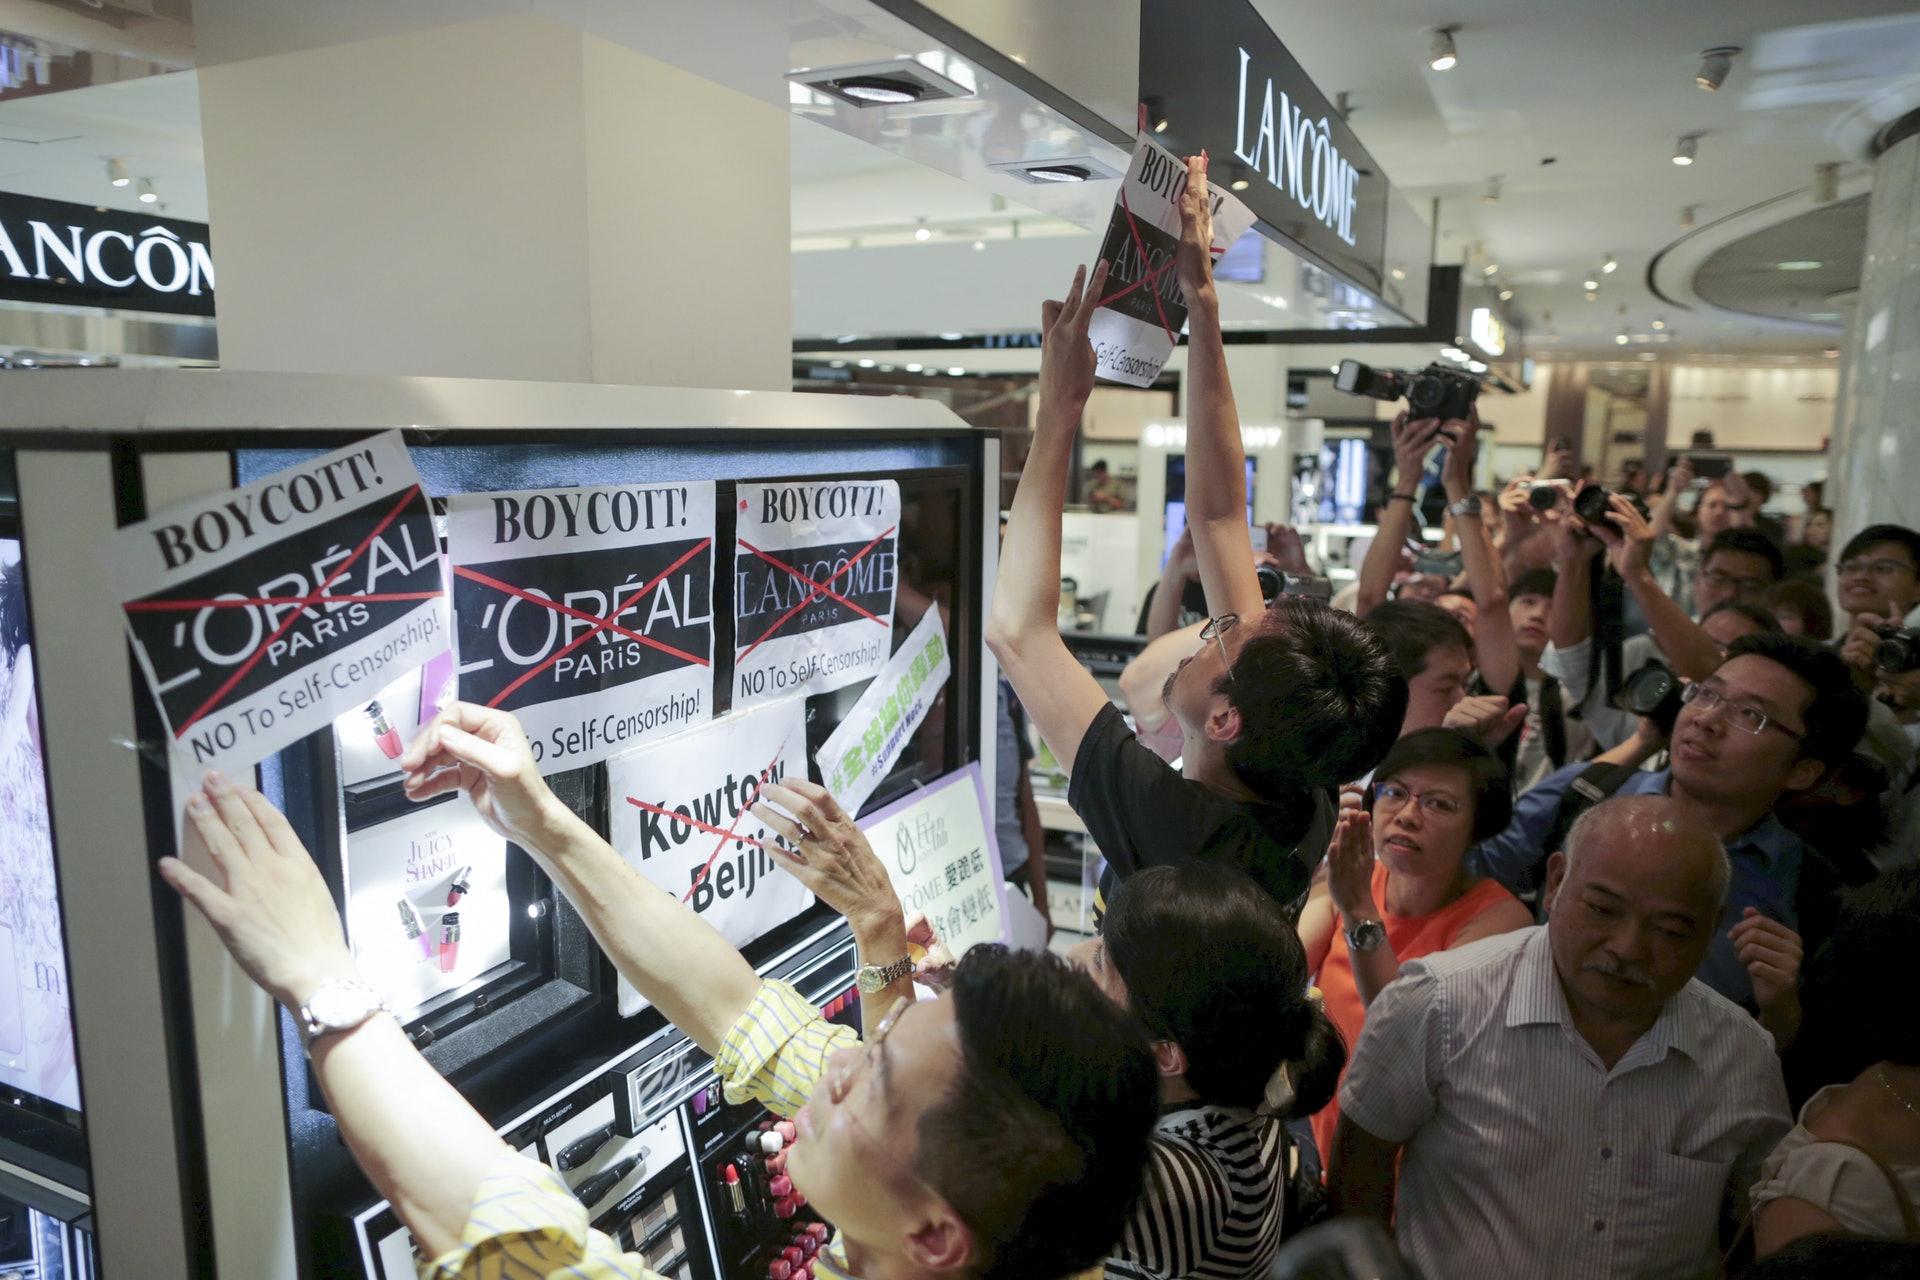 香港有團體發起抵制Lancôme的行動。(資料圖片)